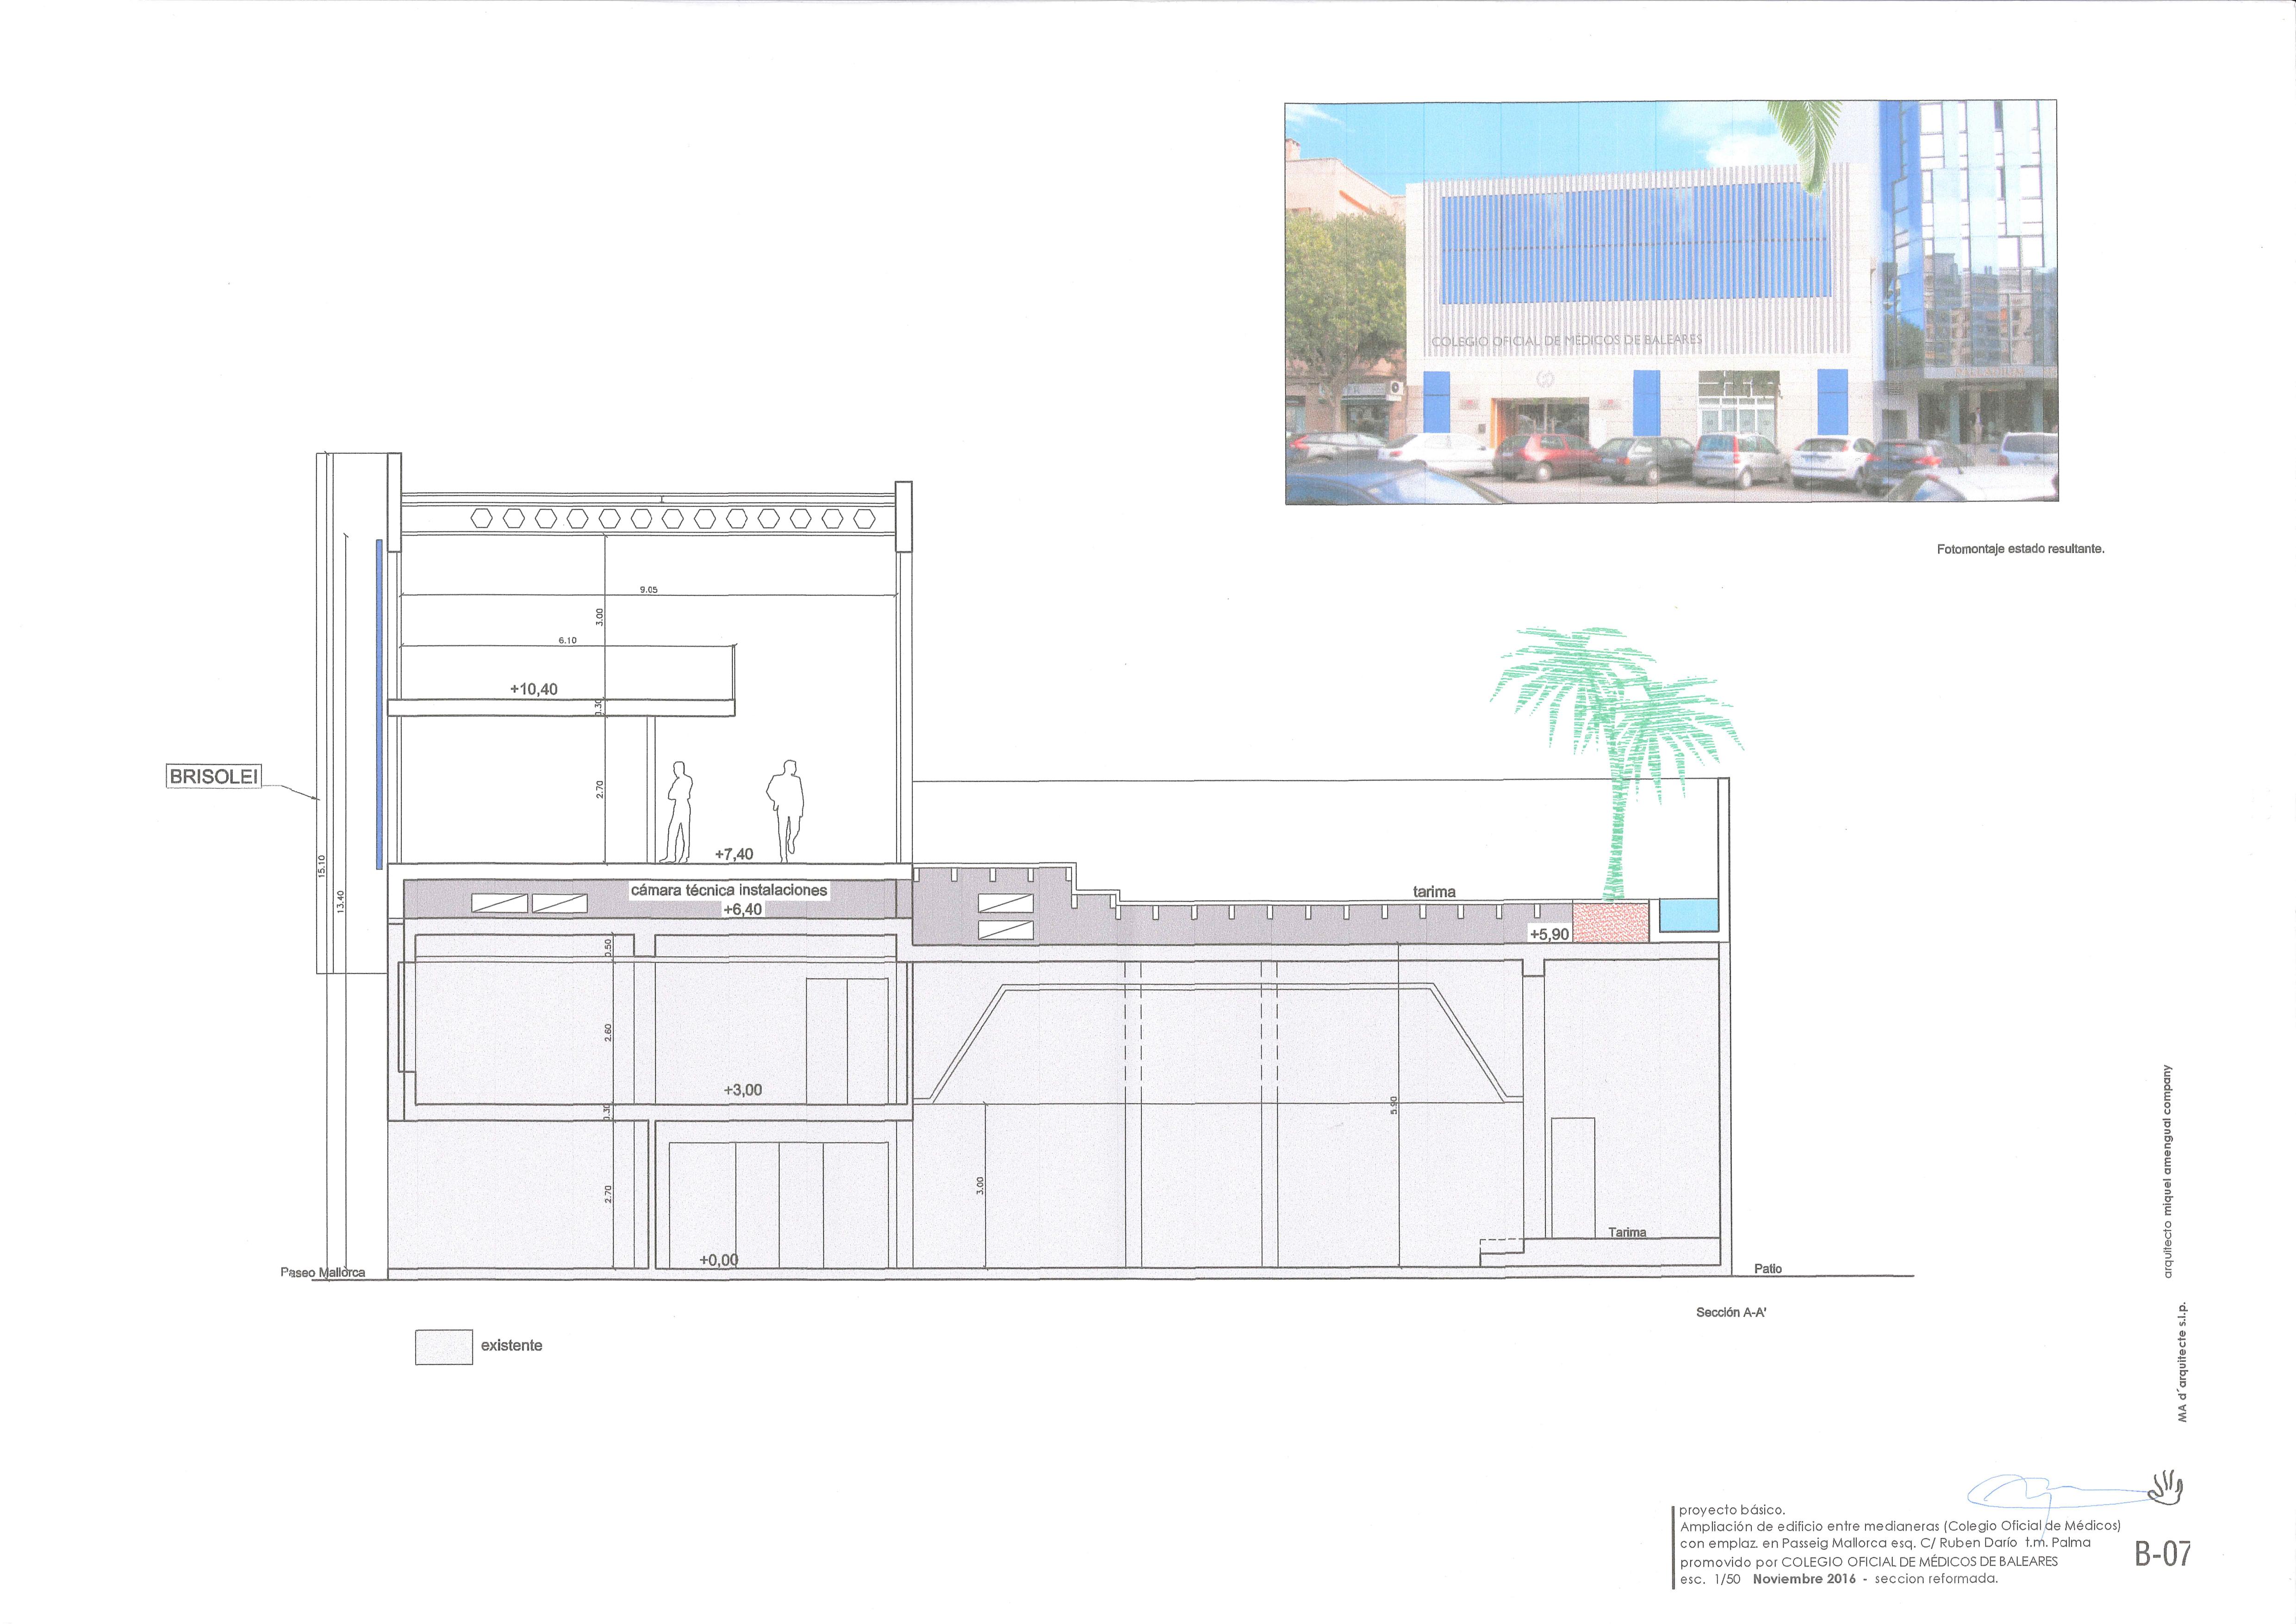 Plano sección del proyecto de ampliación